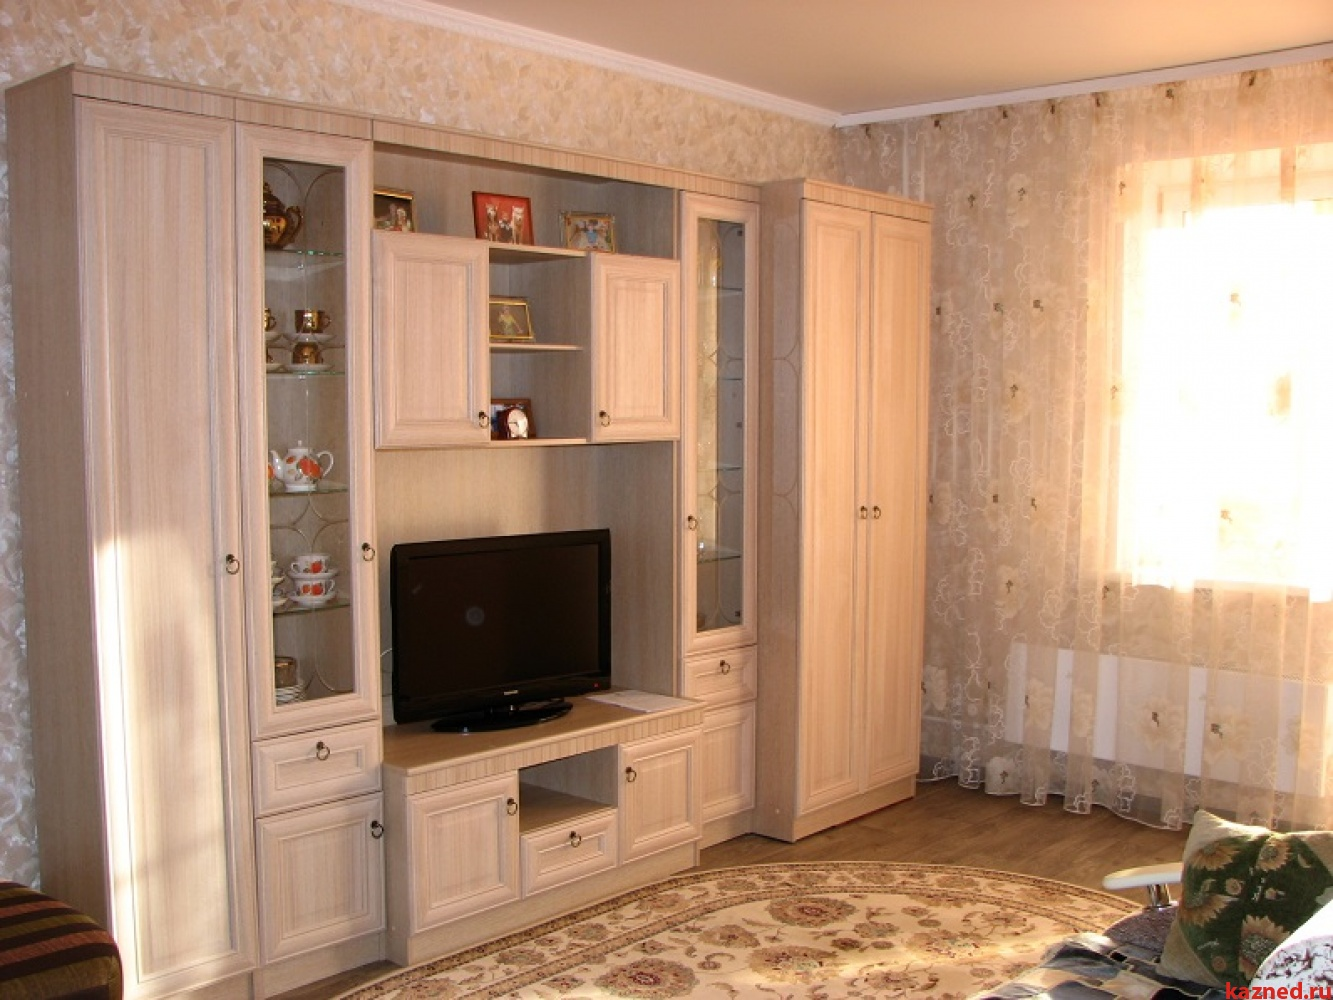 Продажа 2-к квартиры Альберта Камалеева,16, 54 м² (миниатюра №8)